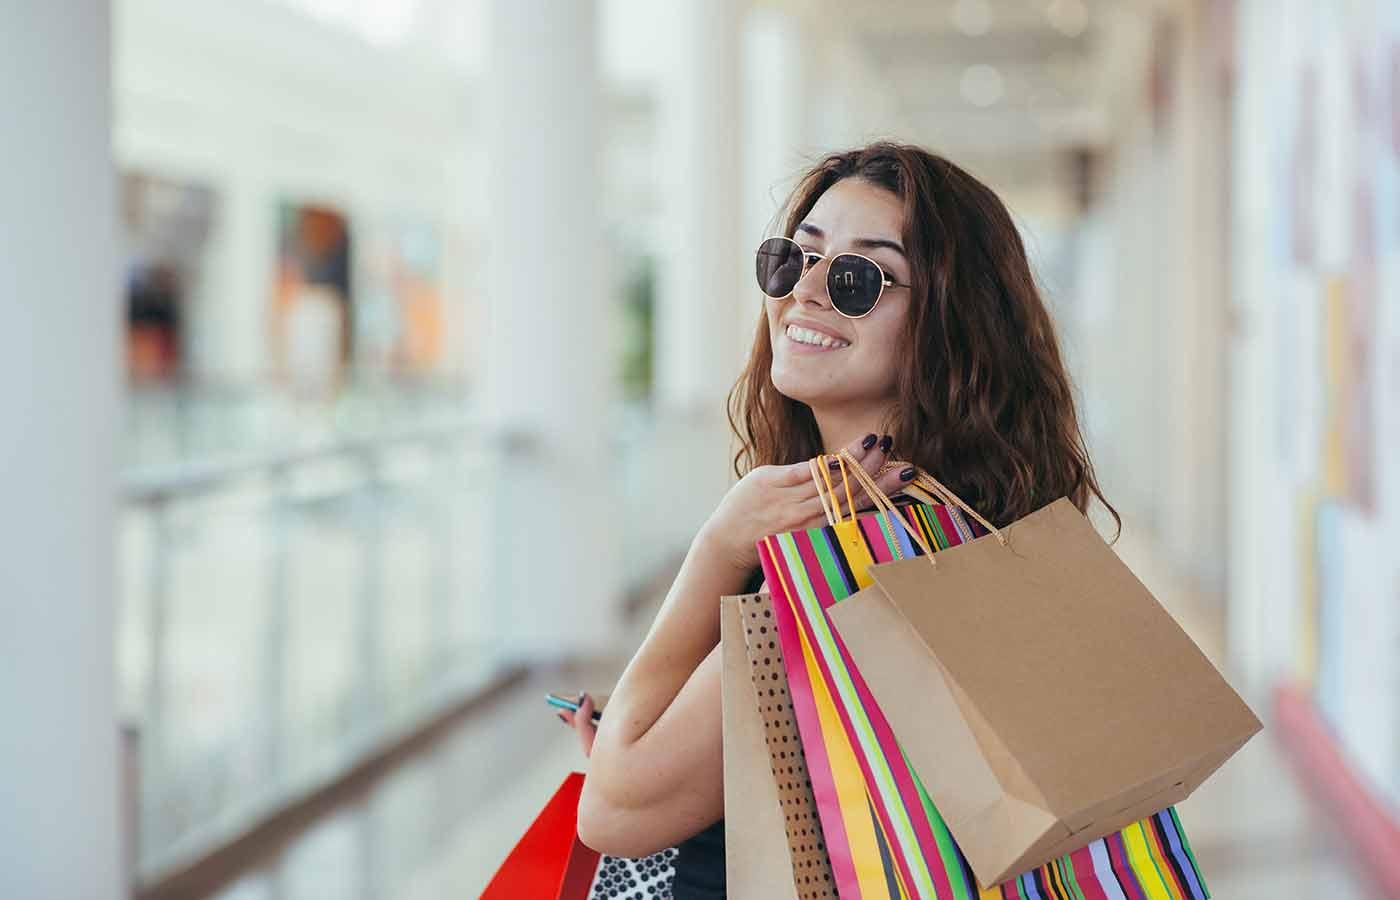 Comprar en Black Friday como método de ahorro económico